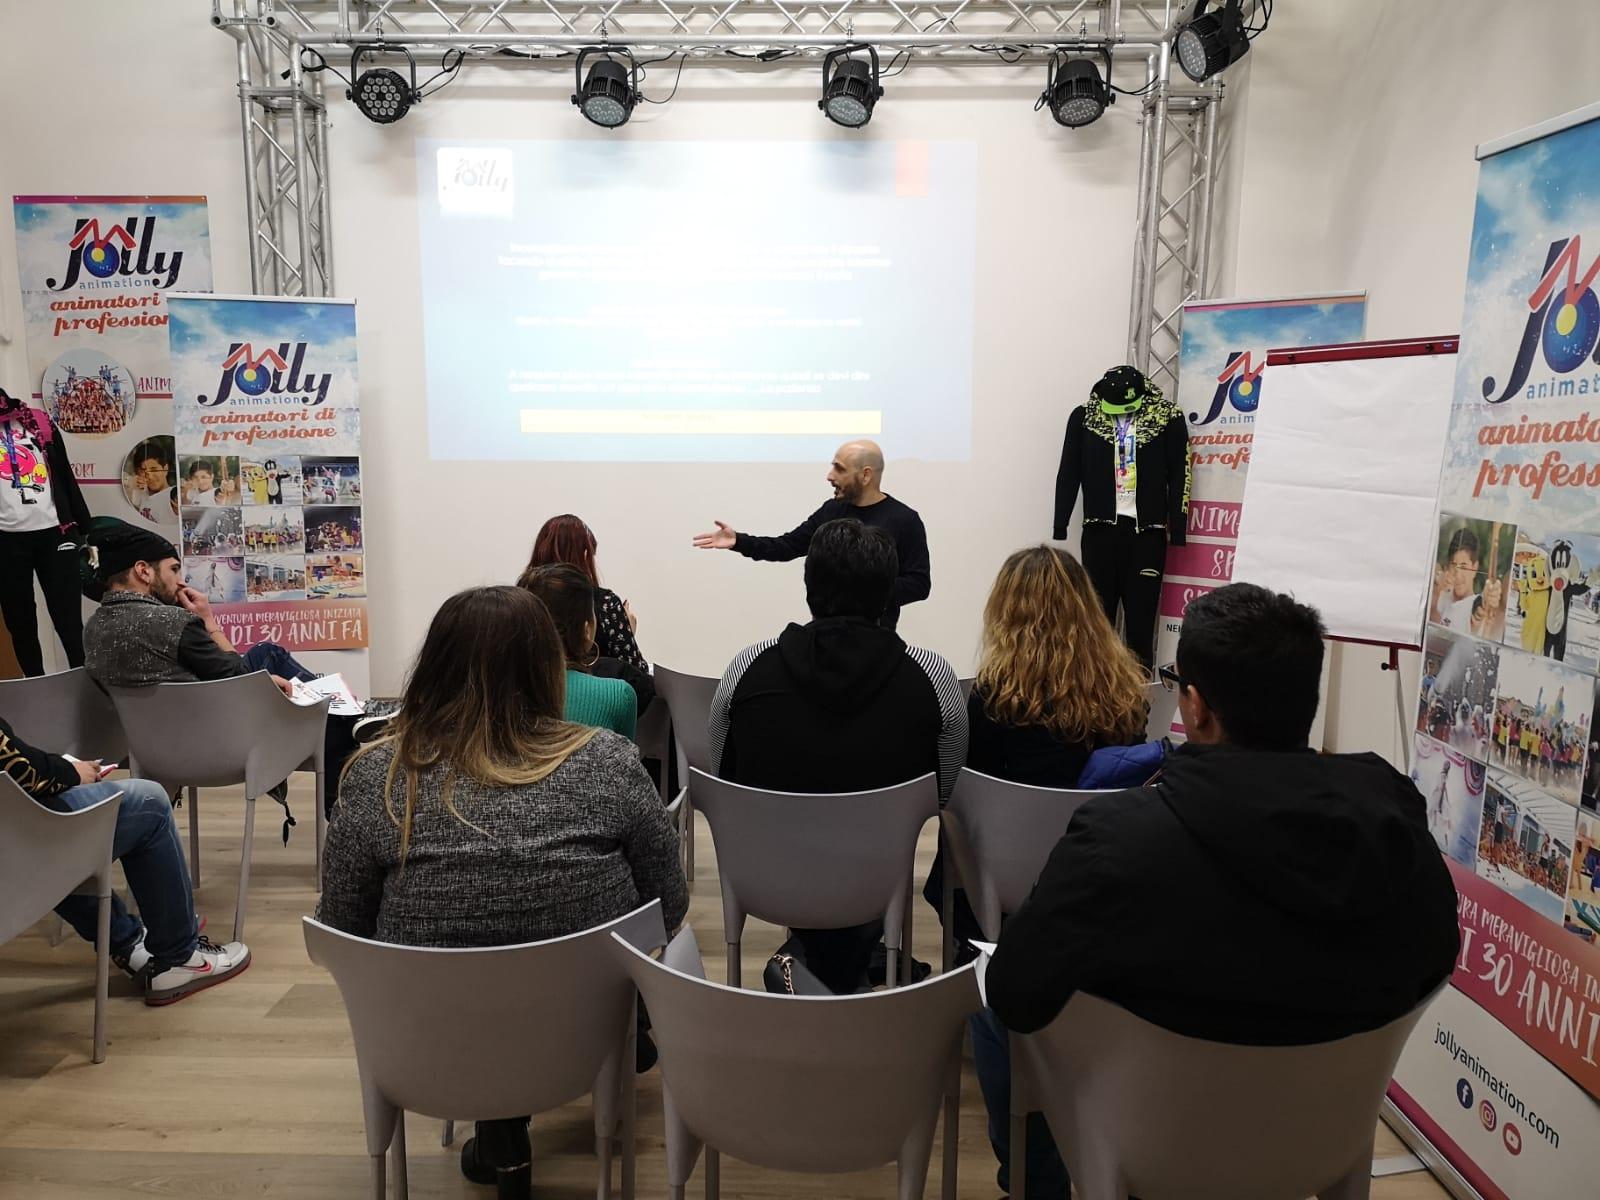 A Salerno un corso gratuito per animatori turistici